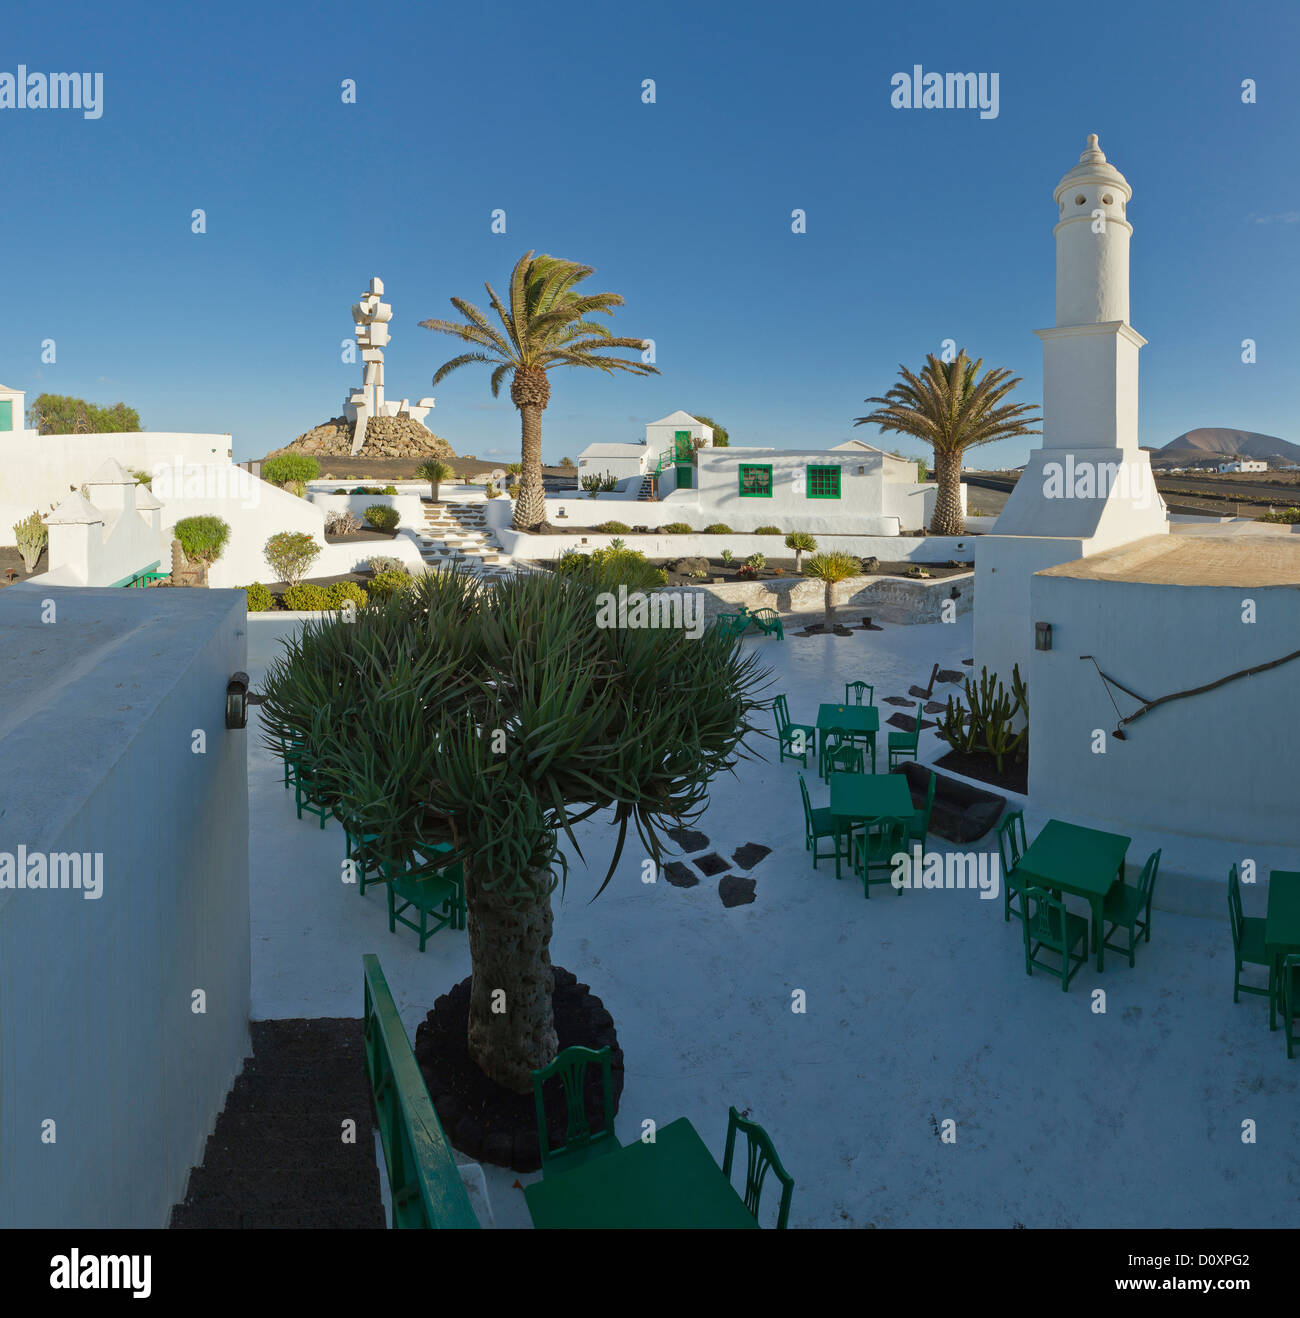 Spagna, Lanzarote, Mozaga, Monumento al campesina, monumento, città, villaggio, estate, Isole Canarie, outdoor Immagini Stock